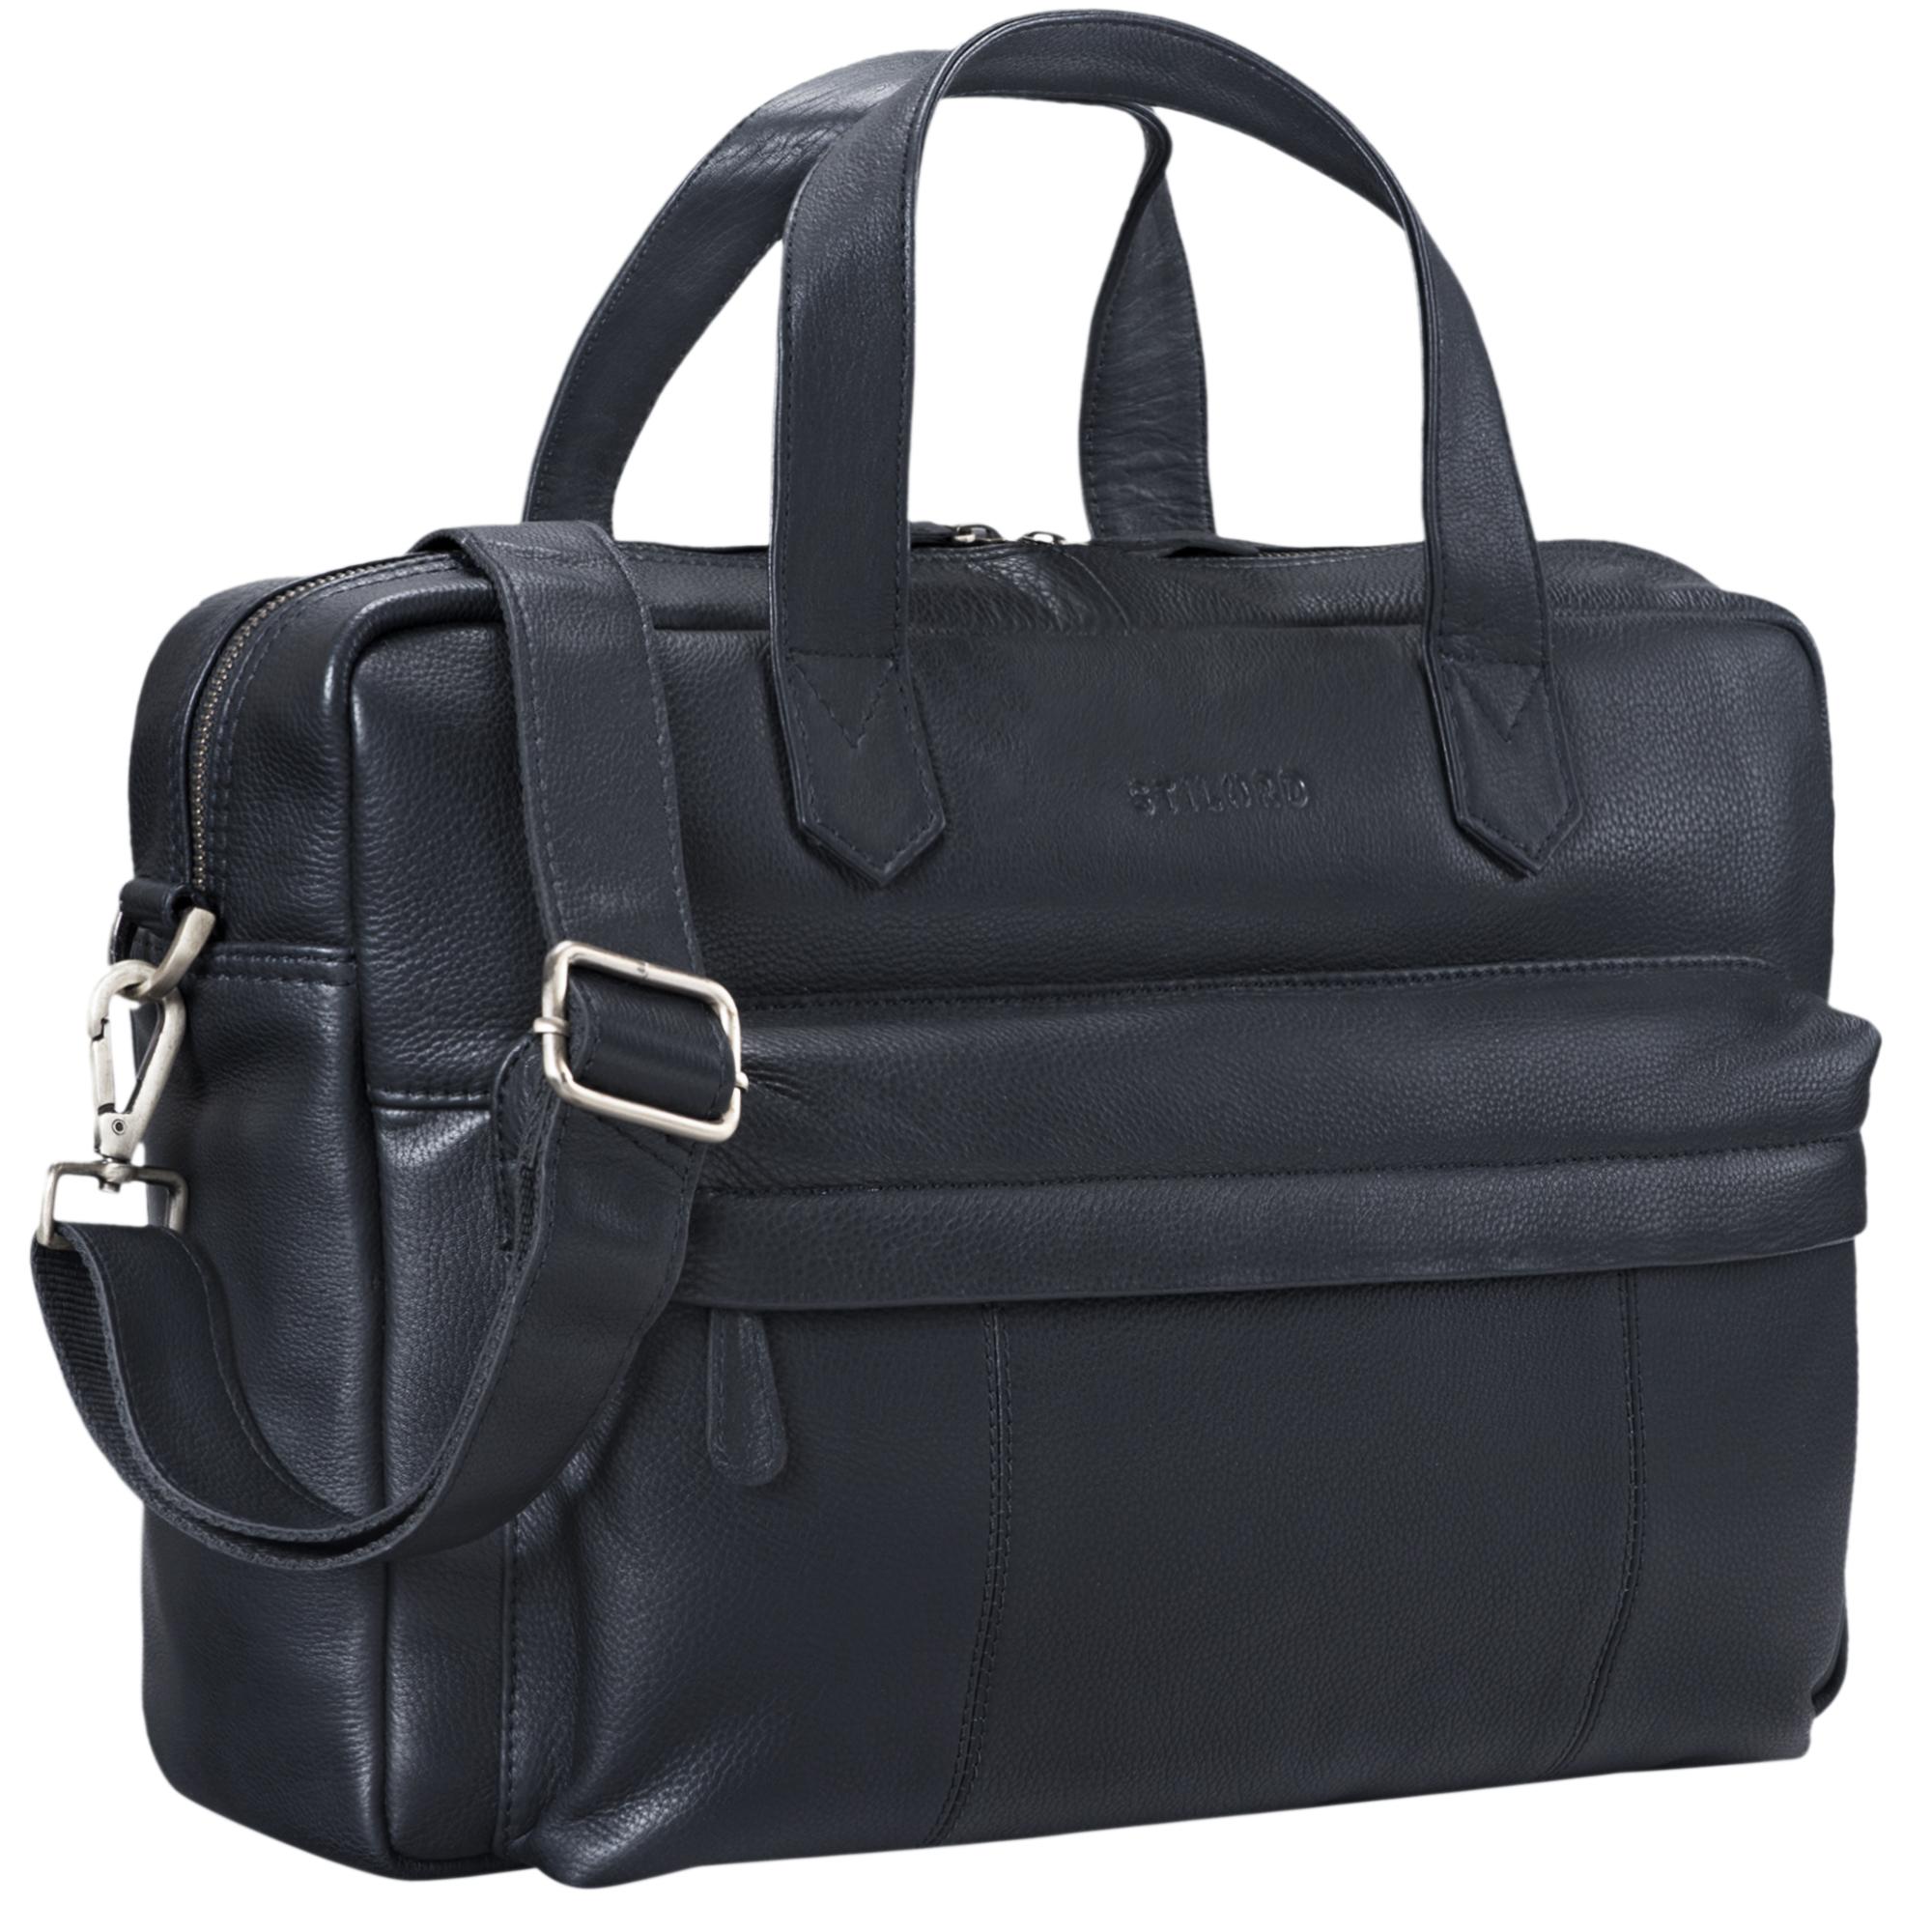 """STILORD """"Erich"""" Vintage Leder Bürotasche große Umhängetasche für Herren und Damen mit 15.6 Zoll Laptop-Fach elegante Aktentasche DIN A4 für Business Arbeit Uni - Bild 10"""